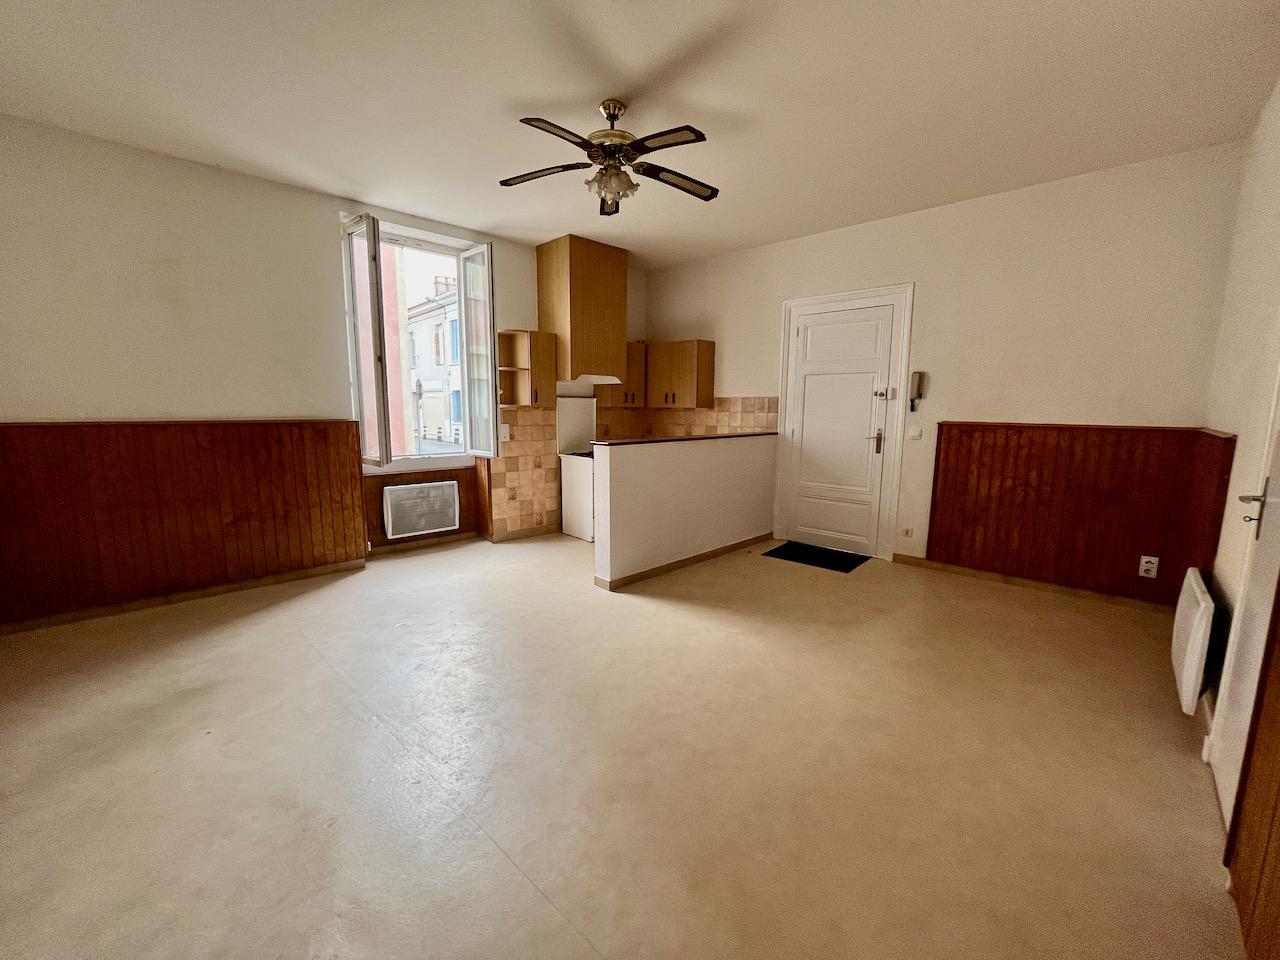 Villeneuve sur Lot, studio meublé 31 m², en centre ville, en bon état dans une rue calme. Proche IFSI. Coin cuisine équipée, un grand lit de 140 cm, une salle d'eau avec WC. Placards et rangements.  Cynthia sera heureuse vous faire visiter ce logement tou